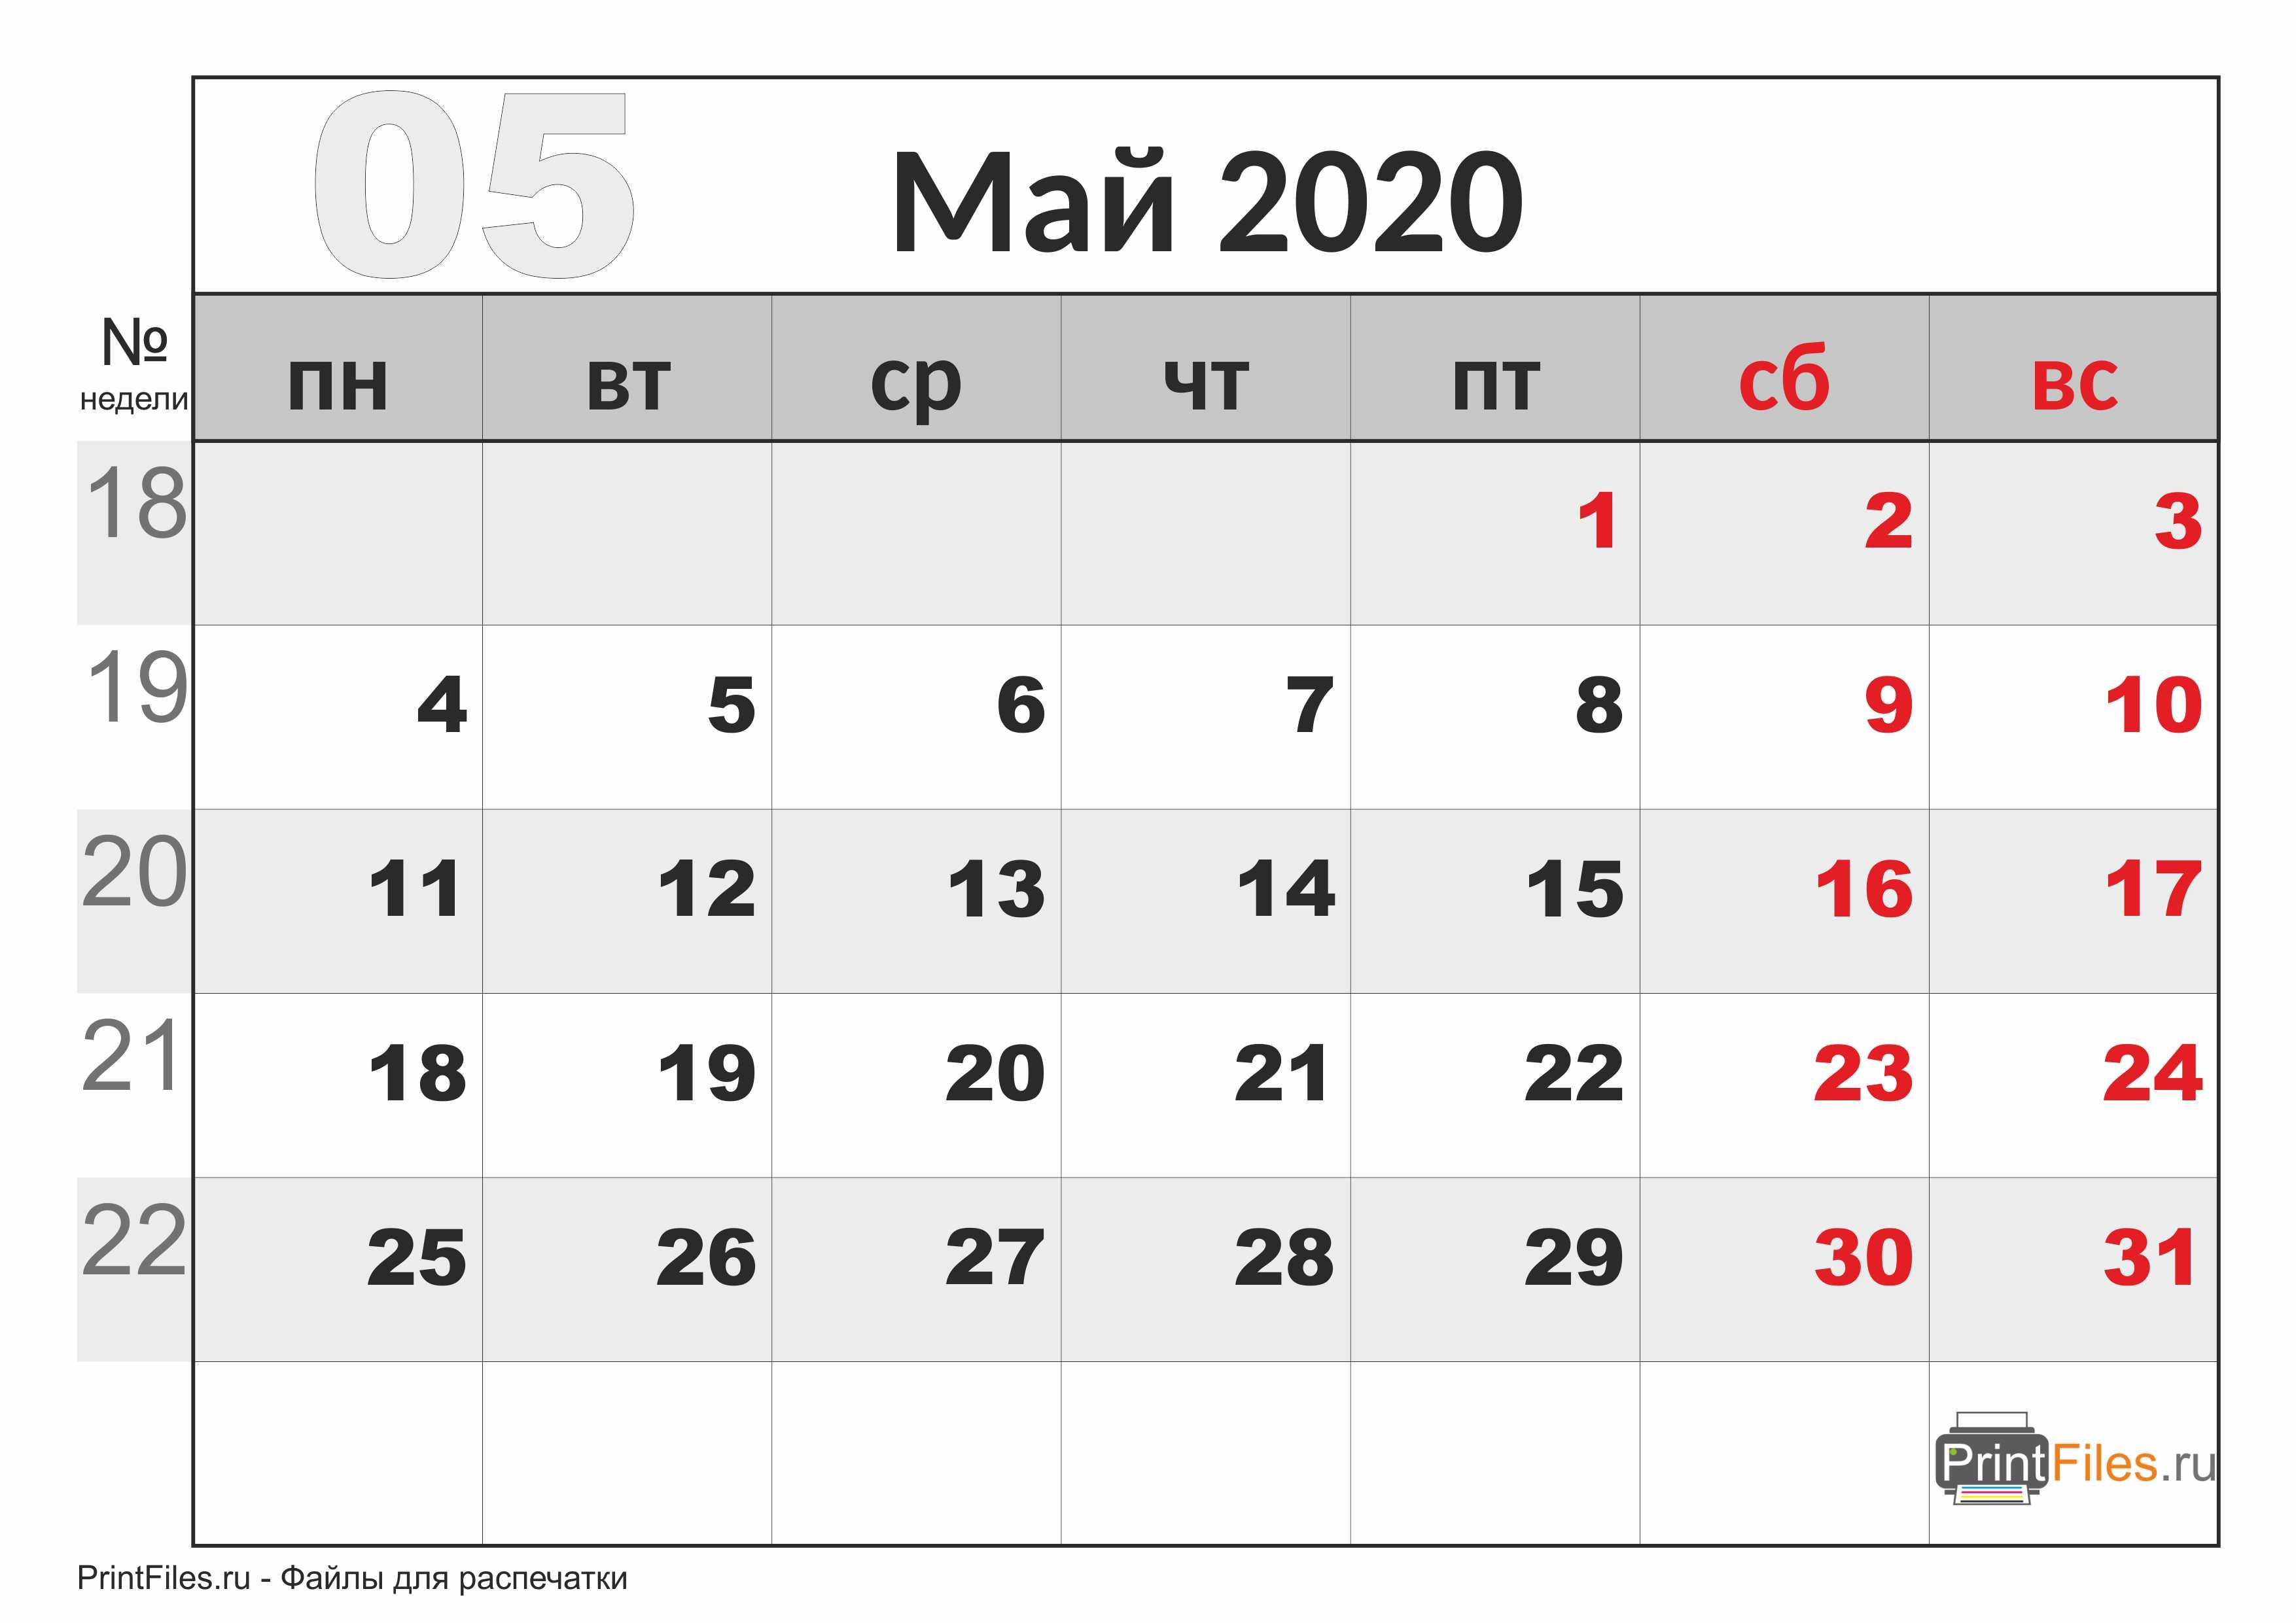 Календарь На Май 2020 Года  Скачать И Распечатать  Файлы regarding Kalendar Kuda May 2020